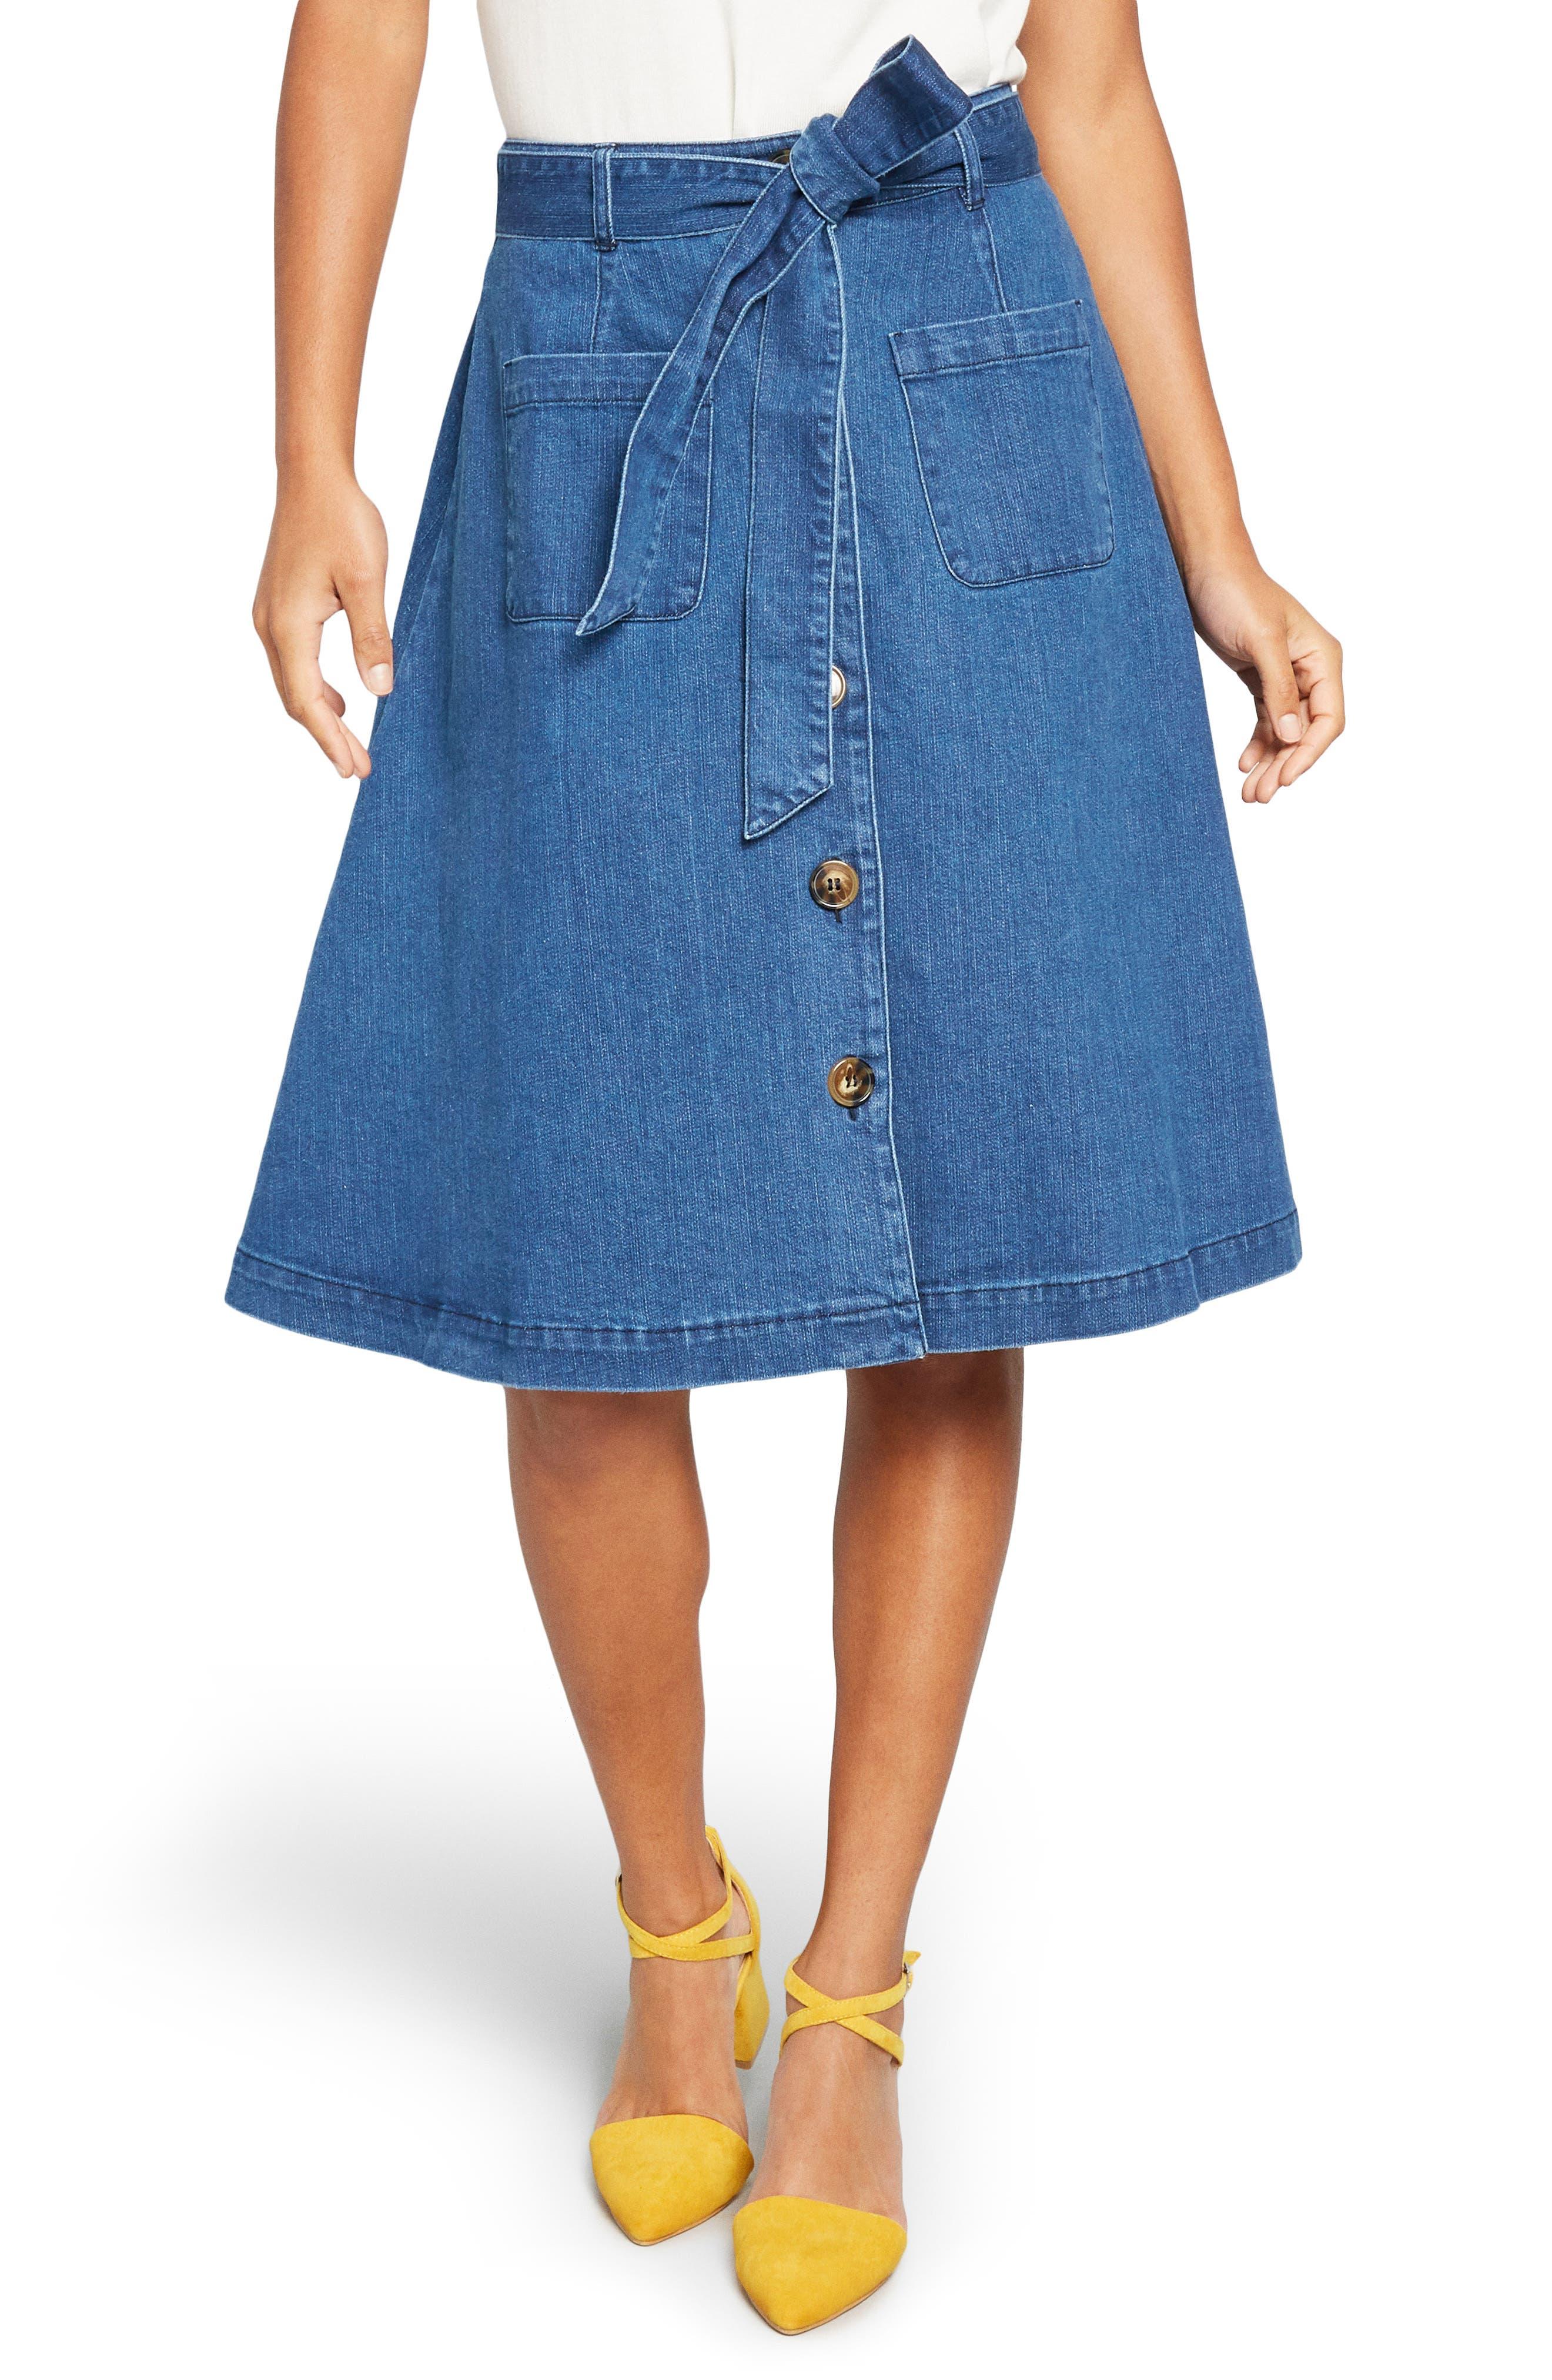 60s Skirts | 70s Hippie Skirts, Jumper Dresses Womens Modcloth Sash Belted A-Line Denim Skirt $44.98 AT vintagedancer.com